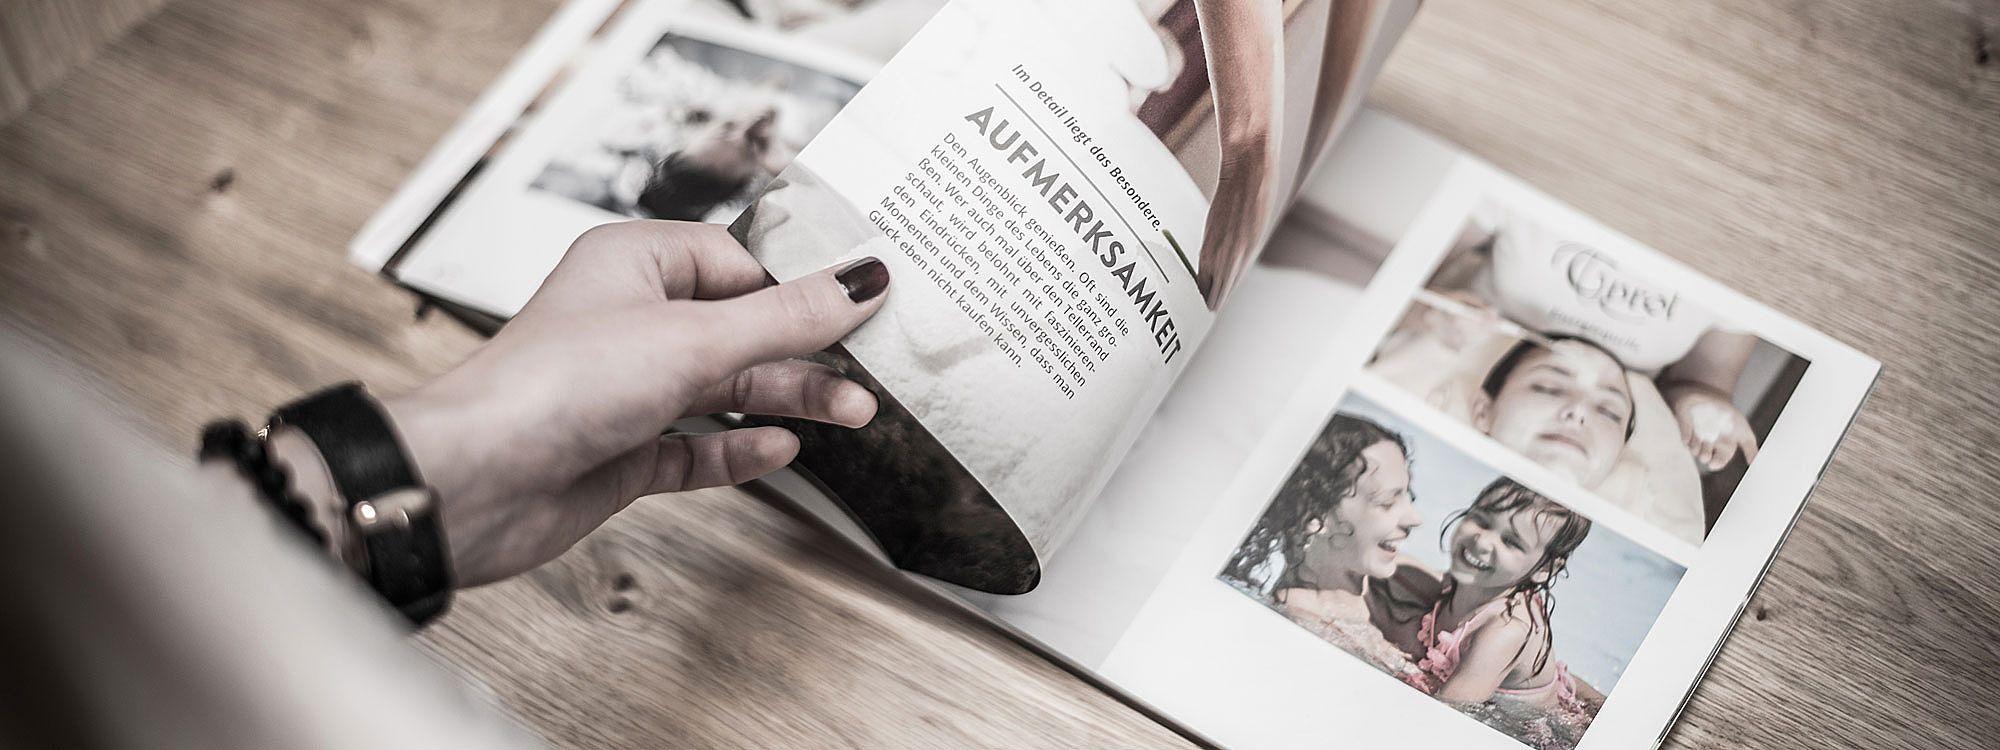 Geben Sie Ihre Drucksorten in die Hand des Profis: ProKontakt GmbH in Innsbruck und Hallein betreut Sie, wenn es um Ihre Werbung geht.